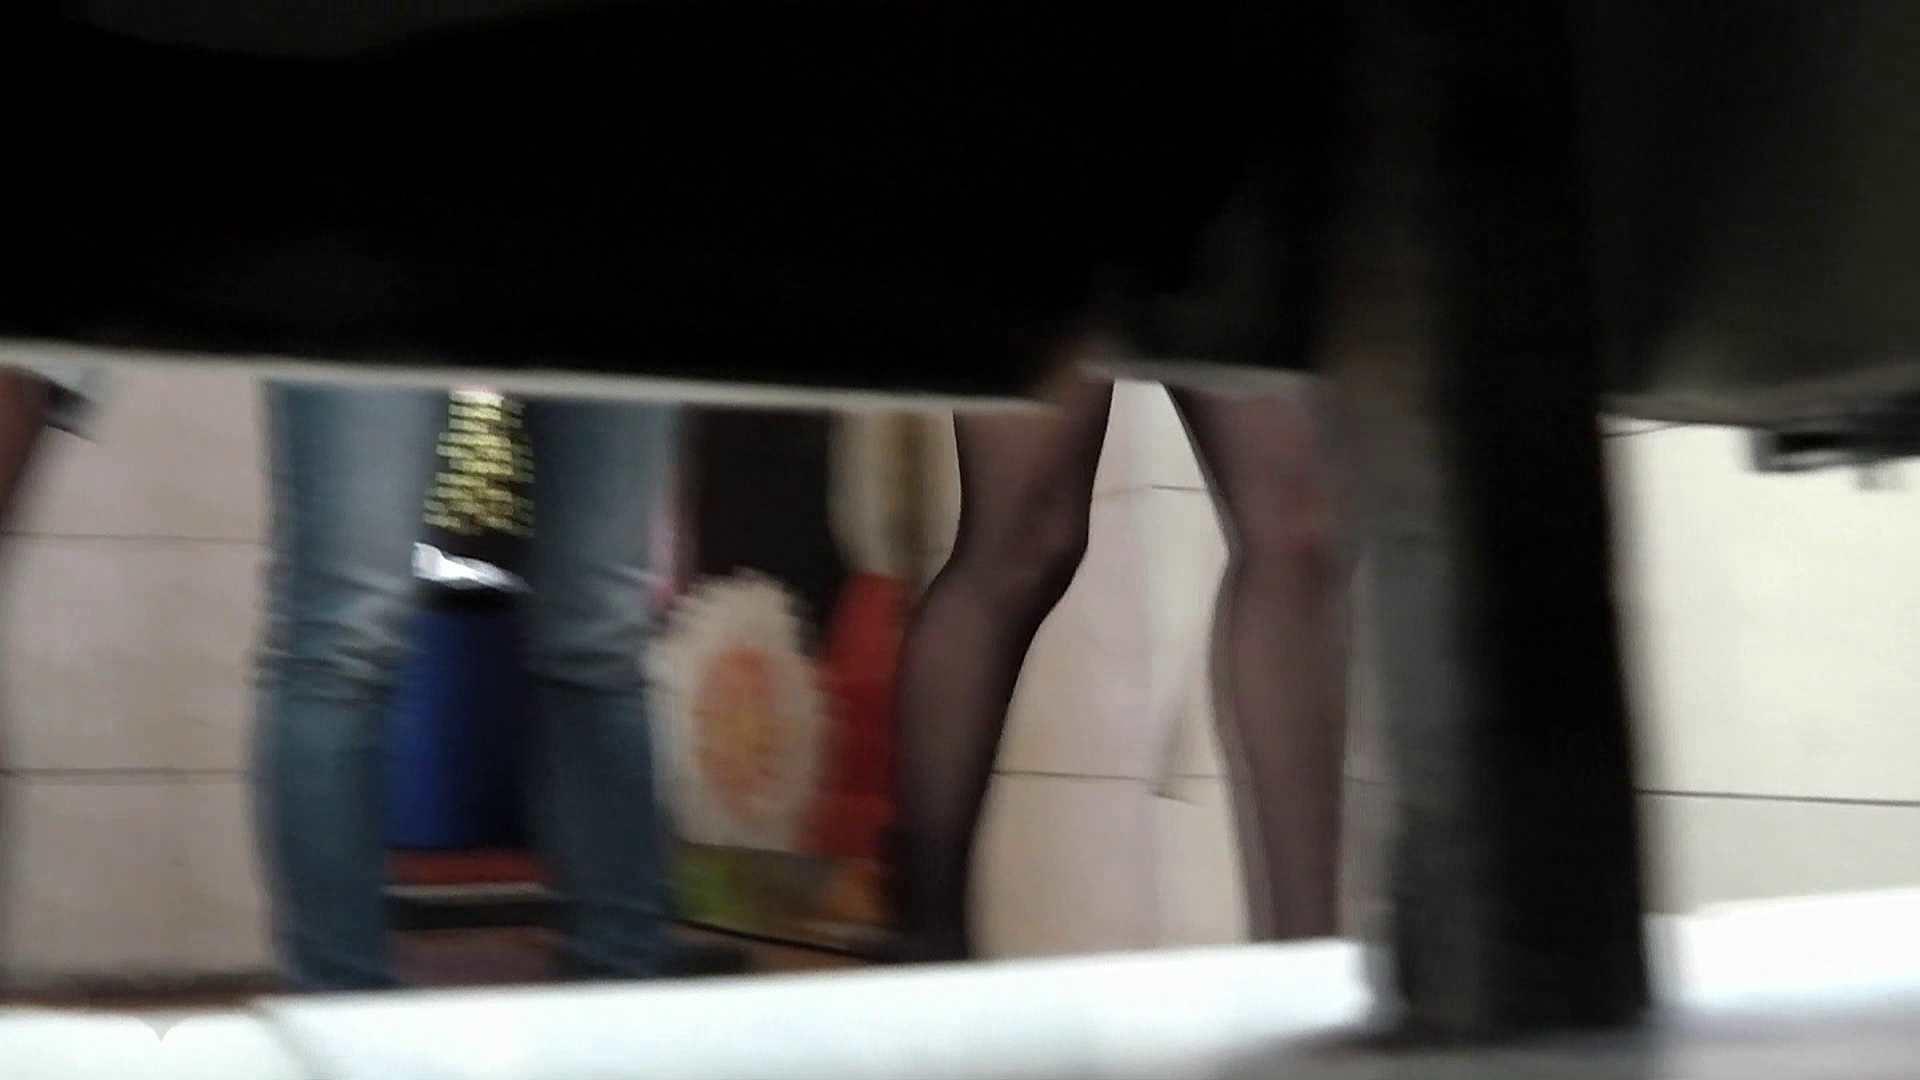 ステーション編 vol.34 無料動画のモデルつい本番登場Ⅱやっぱり違います 色っぽいOL達 | モデルエロ映像  103pic 71